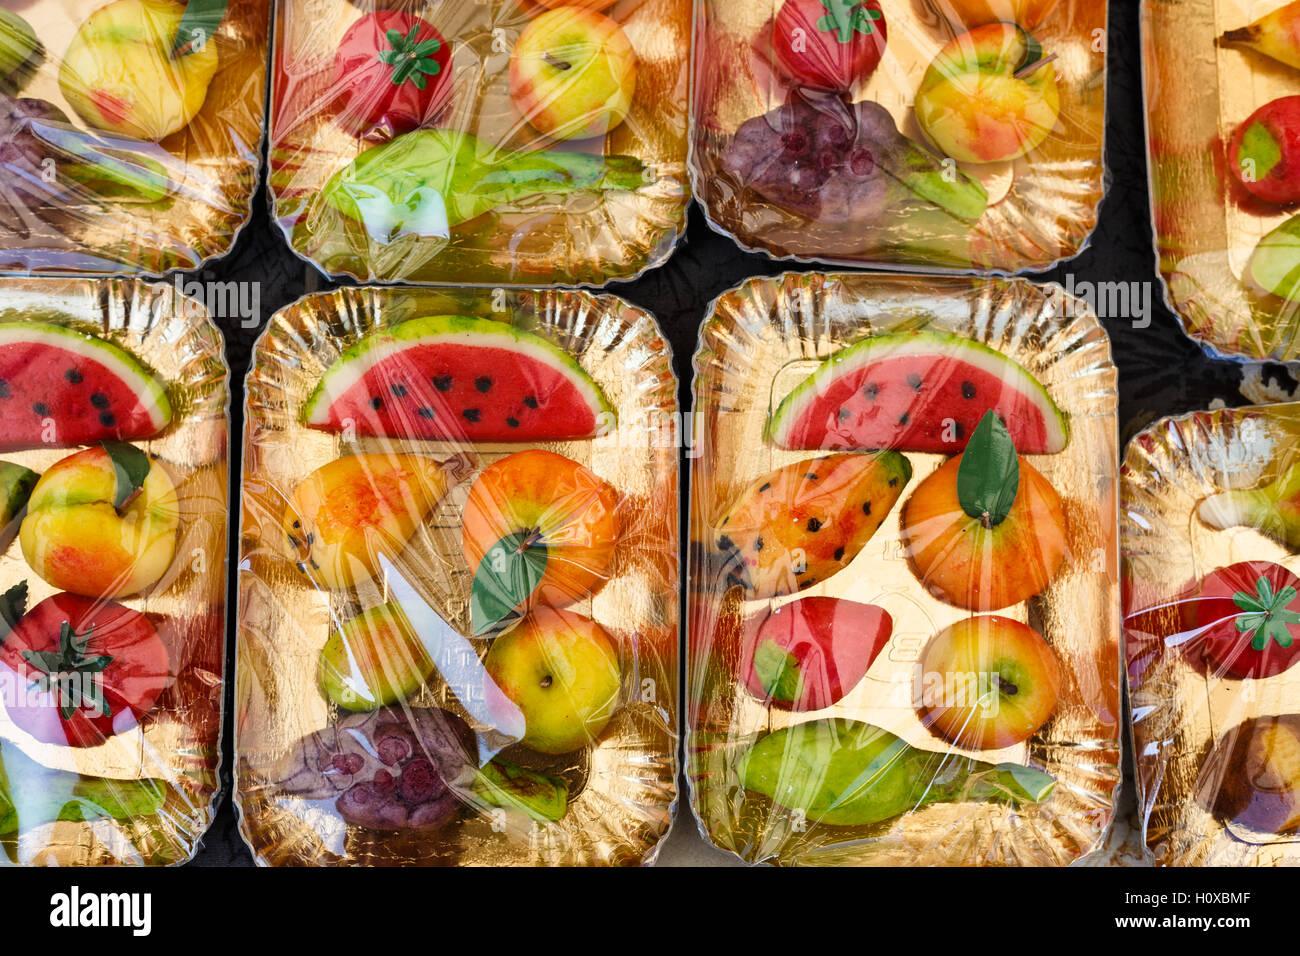 Frutta martorana, marzapane dolci di Sicilia, Italia Immagini Stock